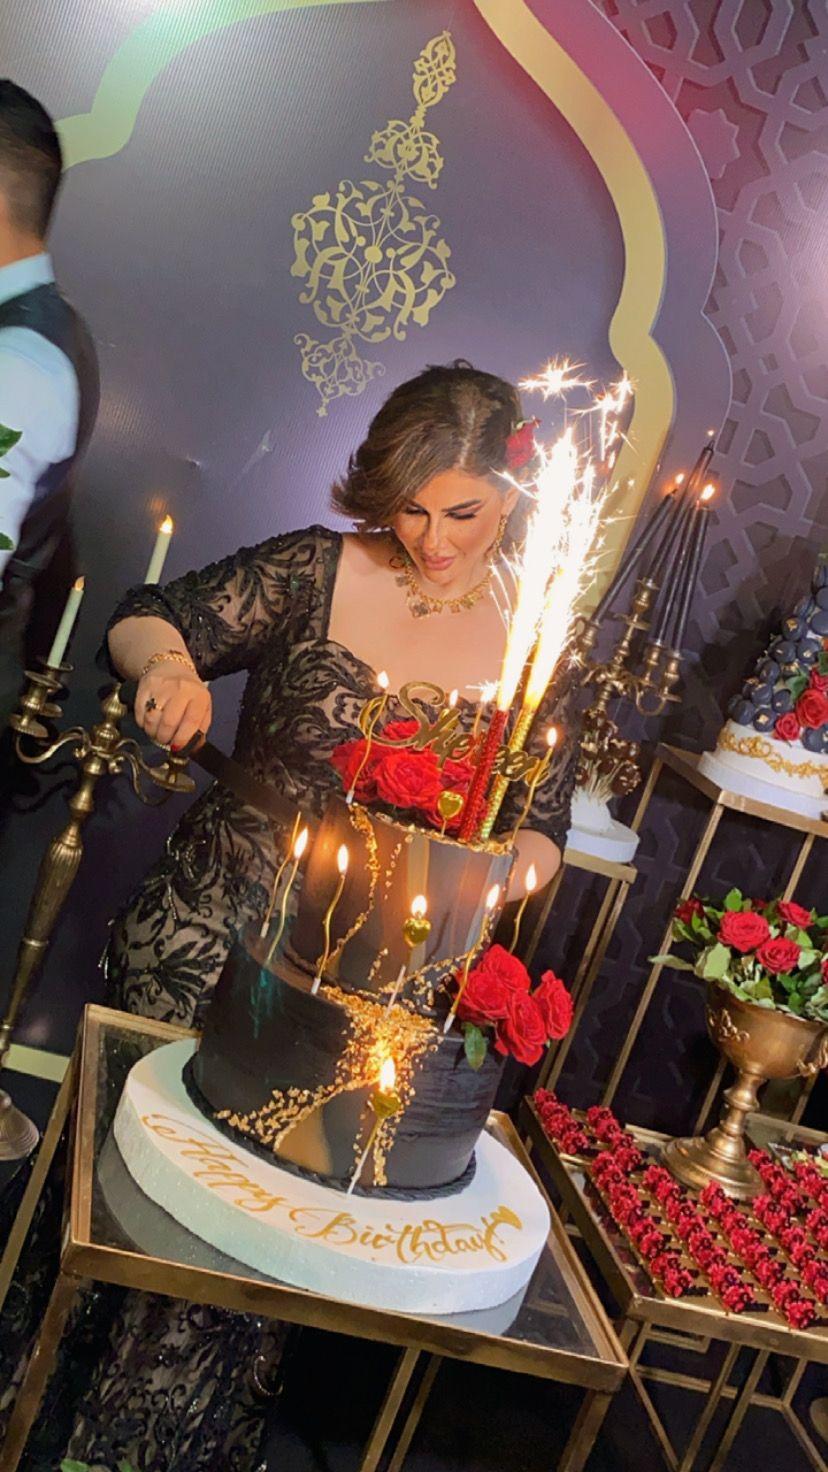 سيدة الأعمال الأردنية شيرين الدعجة تحتفل بعيد ميلادها